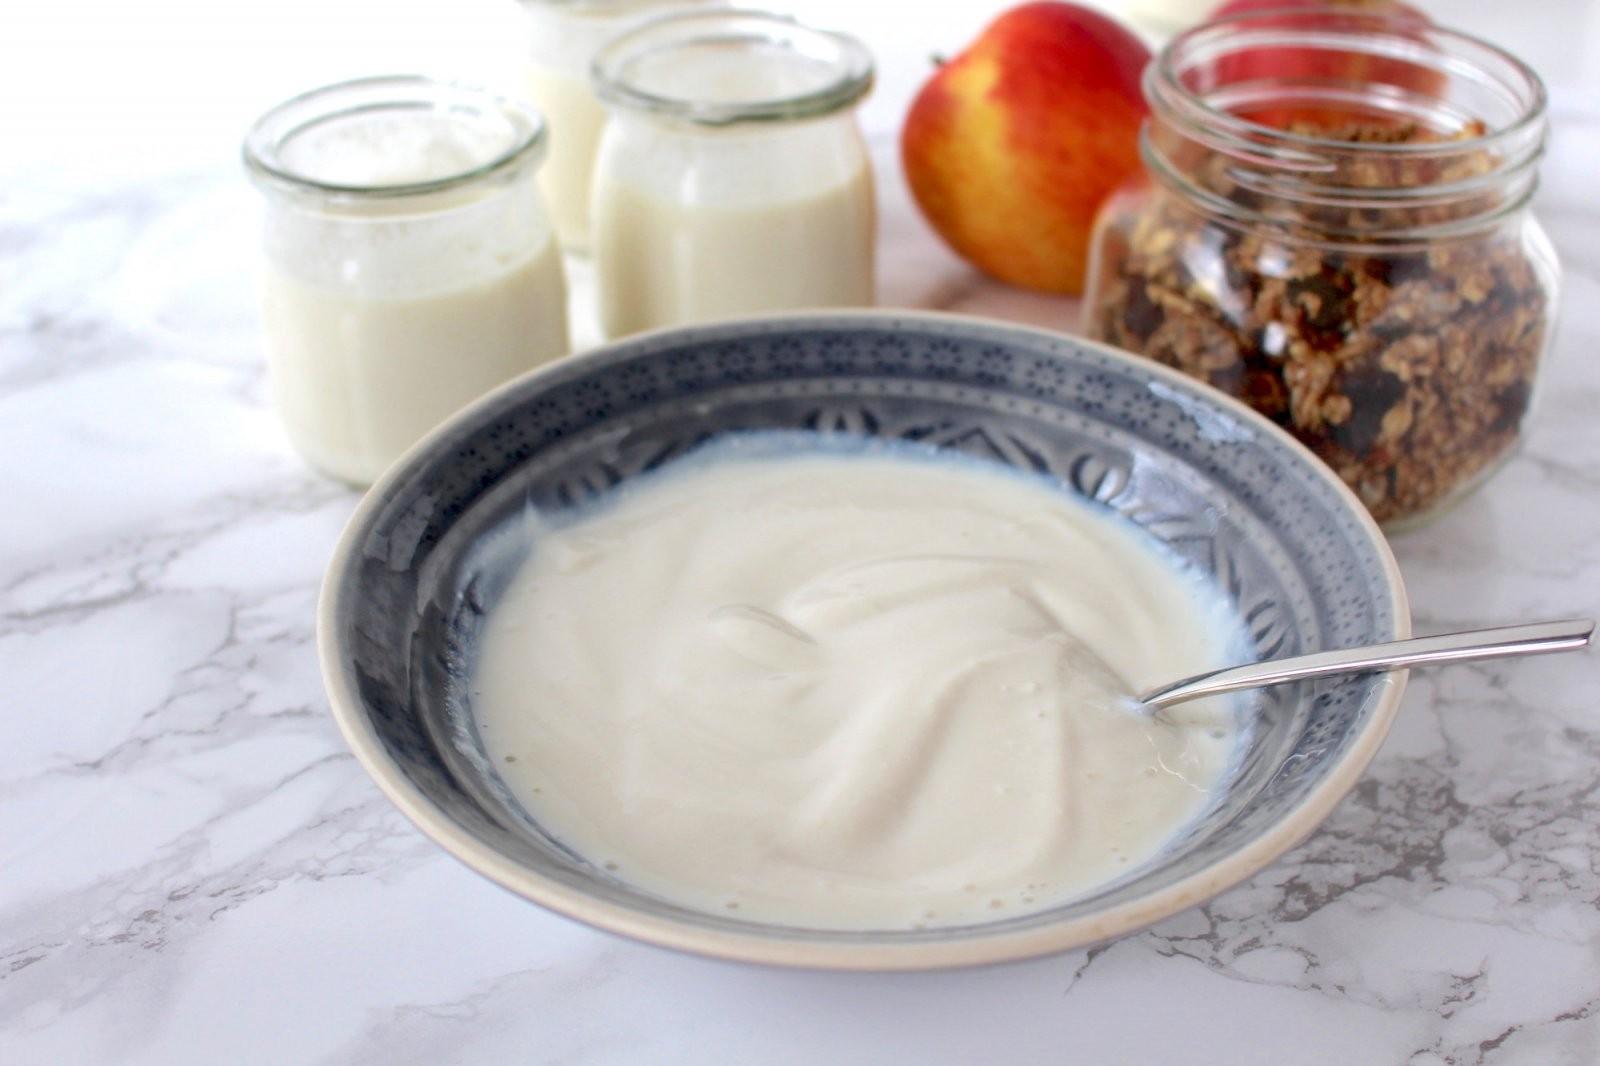 Veganer Joghurt  Rezept Zum Selbermachen  Minamade von Joghurt Selber Machen Vegan Bild